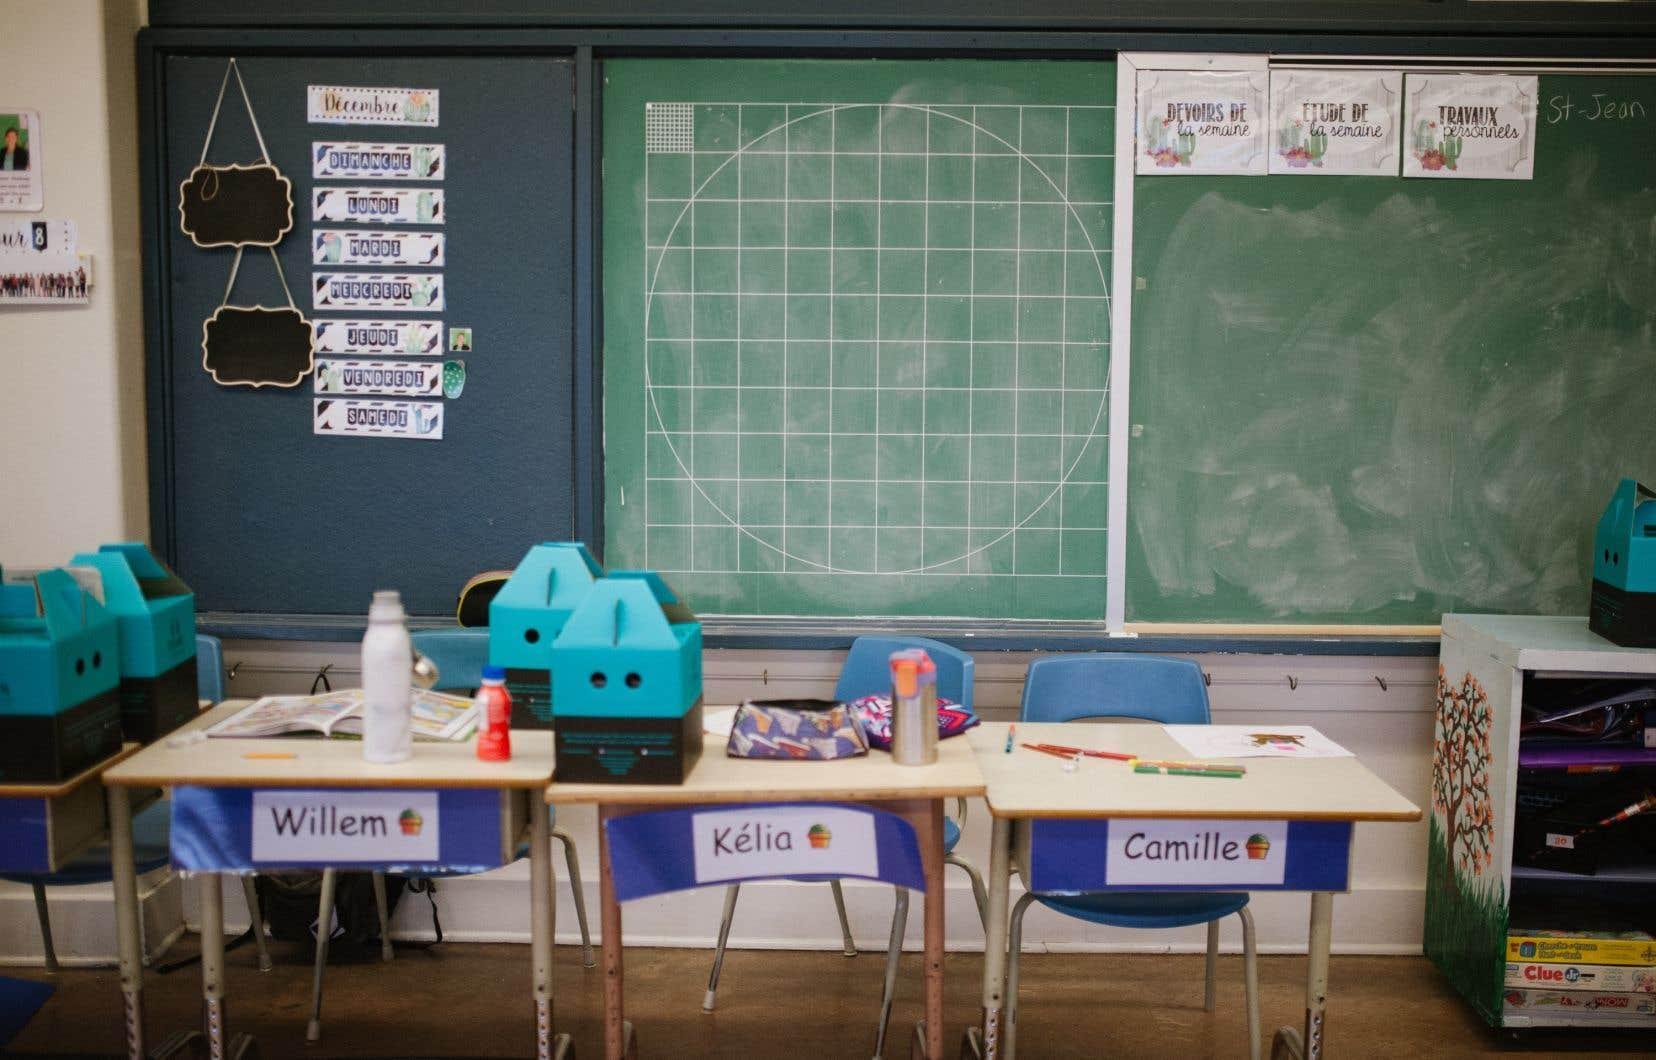 Le ministre Roberge a insisté sur la «subsidiarité» des écoles, qui pourront elles-mêmes décider de quelle façon elles aménageront les classes ou à quels enseignants elles feront appel.